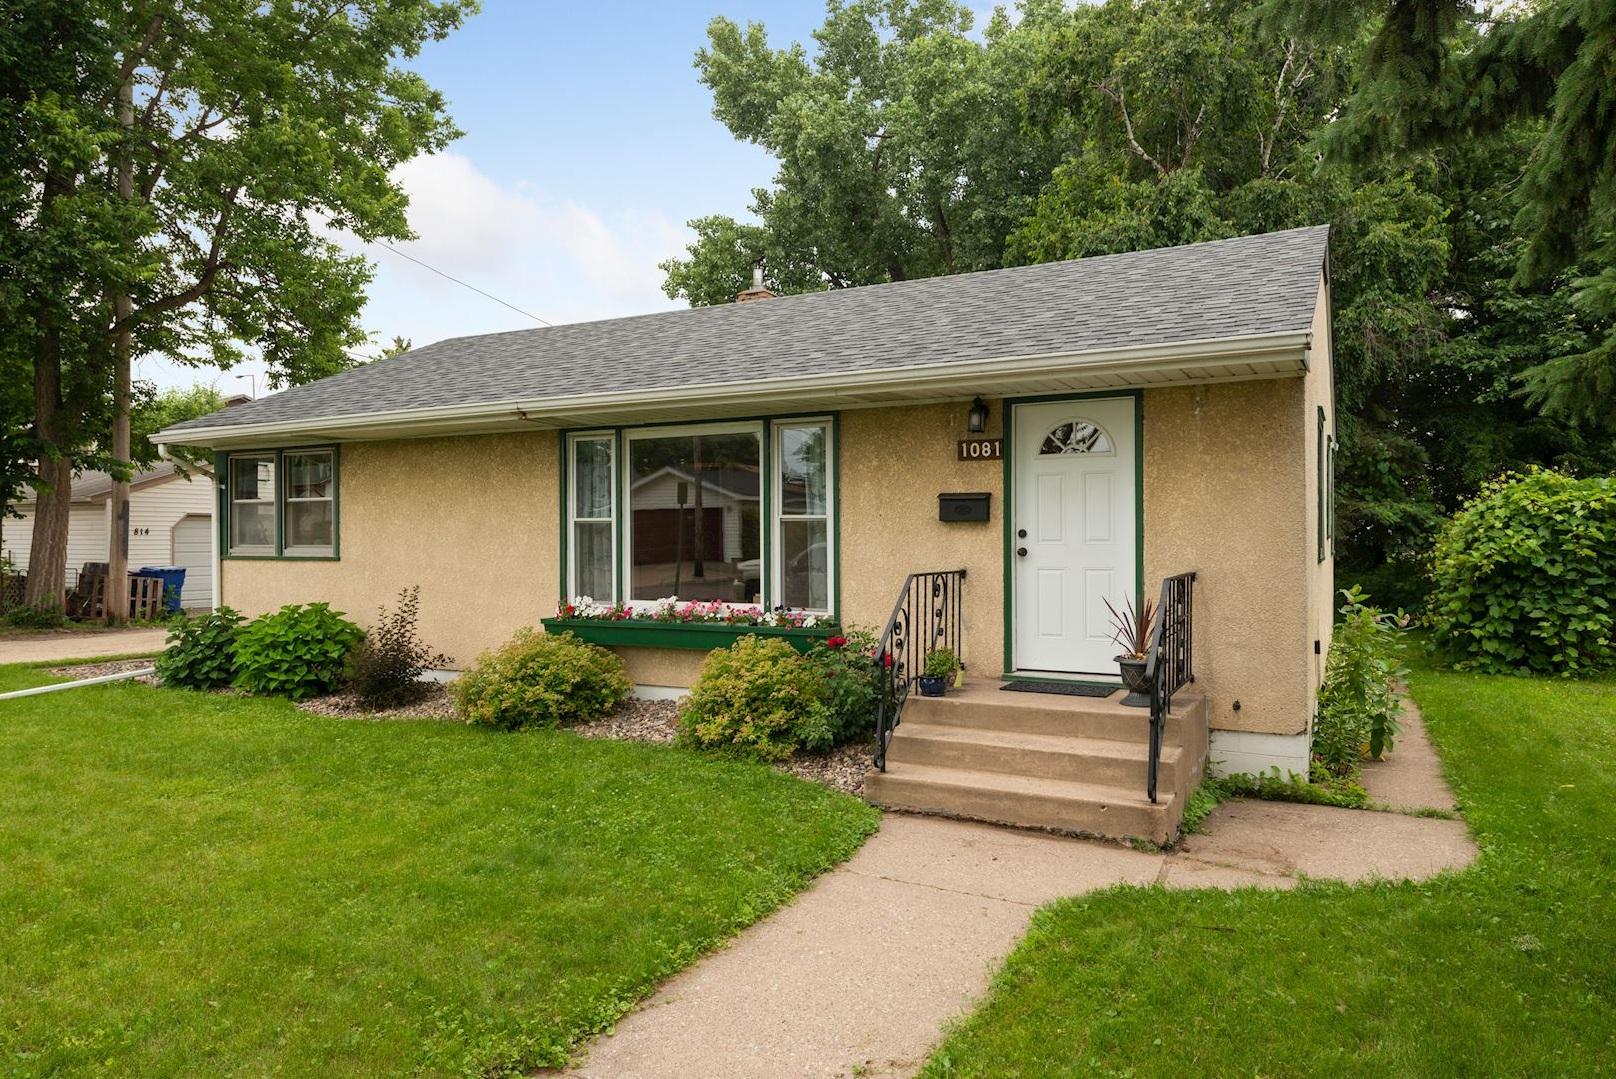 1081 Hubbard AvenueSaint Paul, MN 55104 -